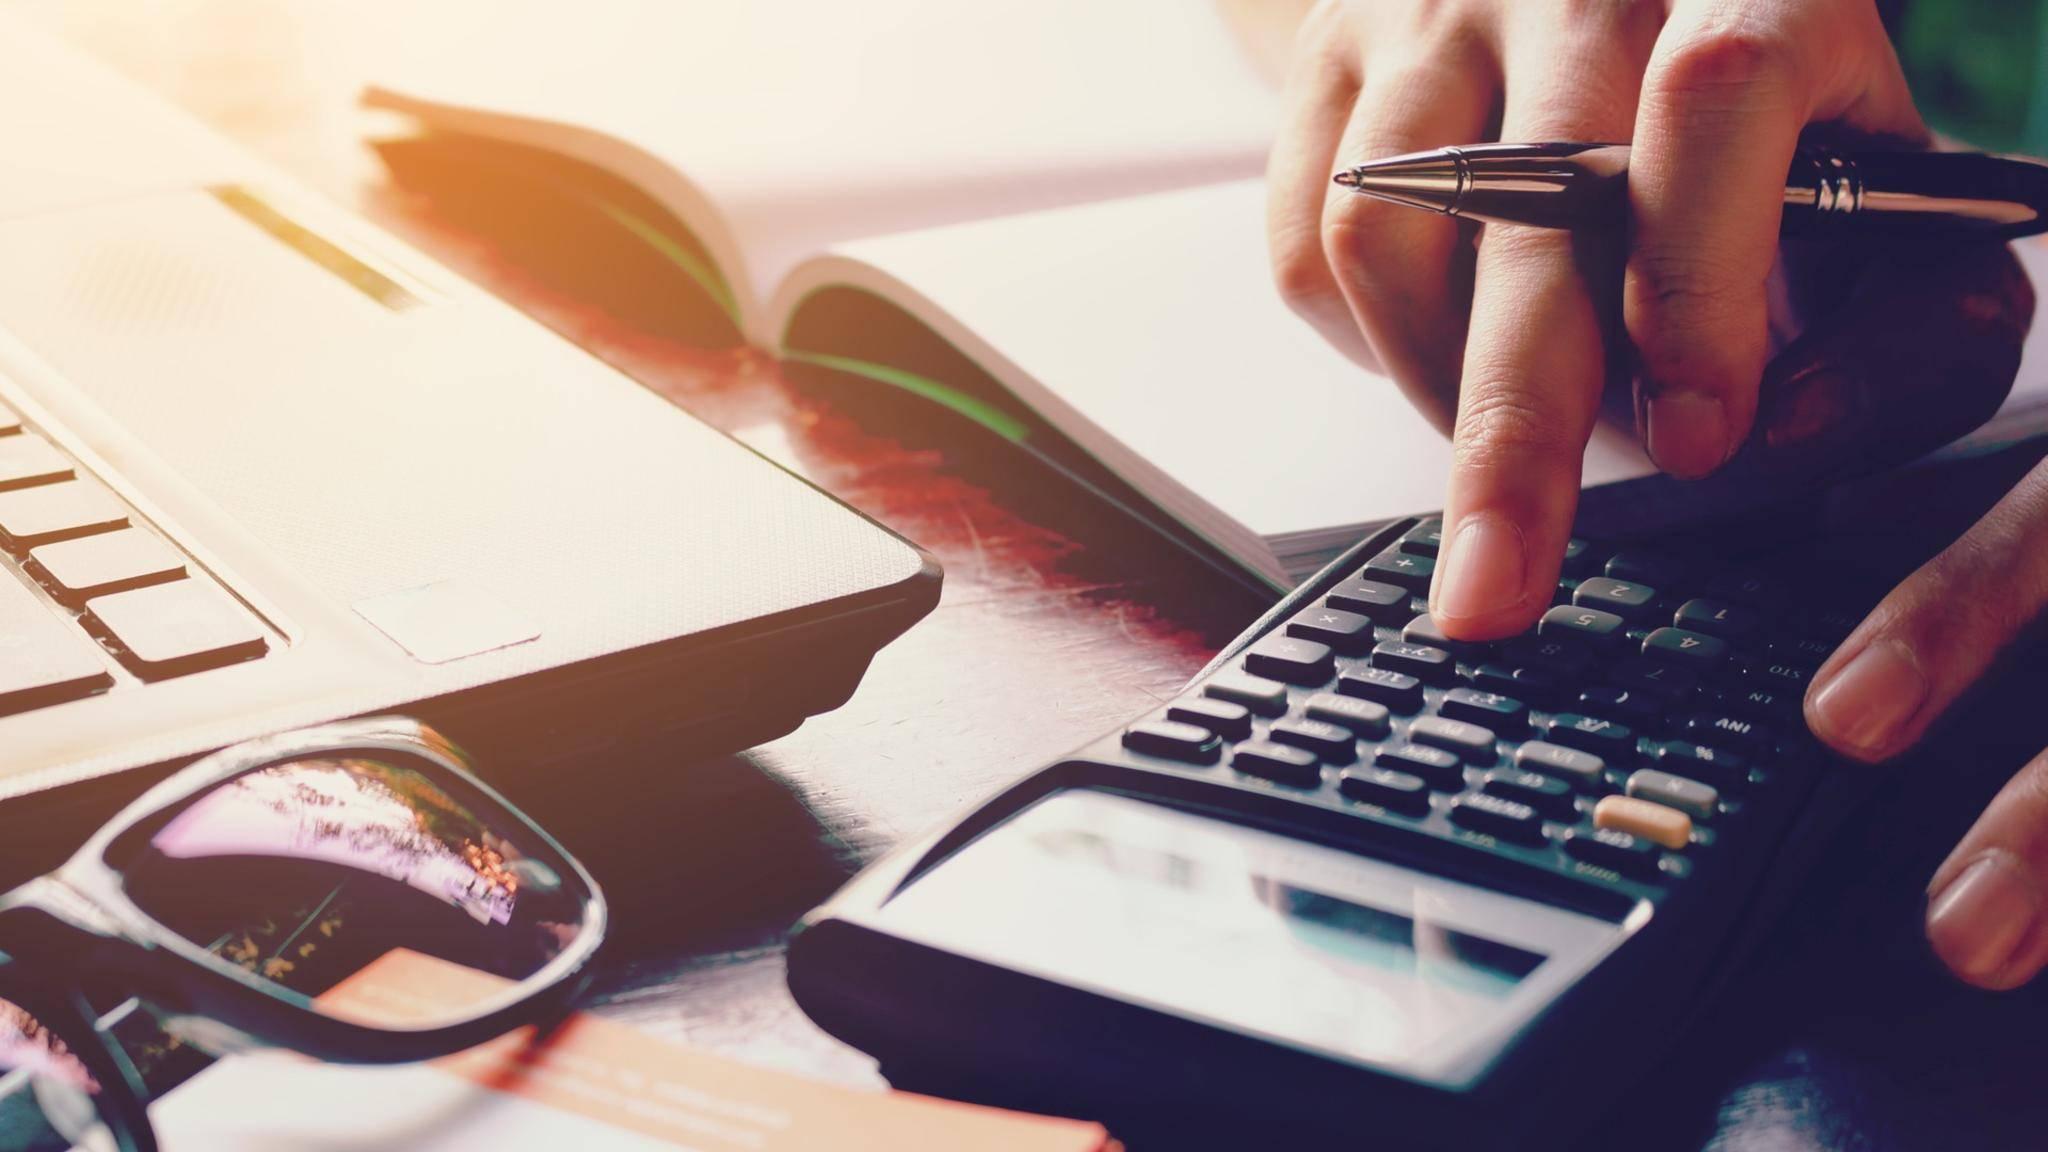 Dank eines guten Steuerprogramms bekommst Du vielleicht eine Rückzahlung vom Finanzamt.